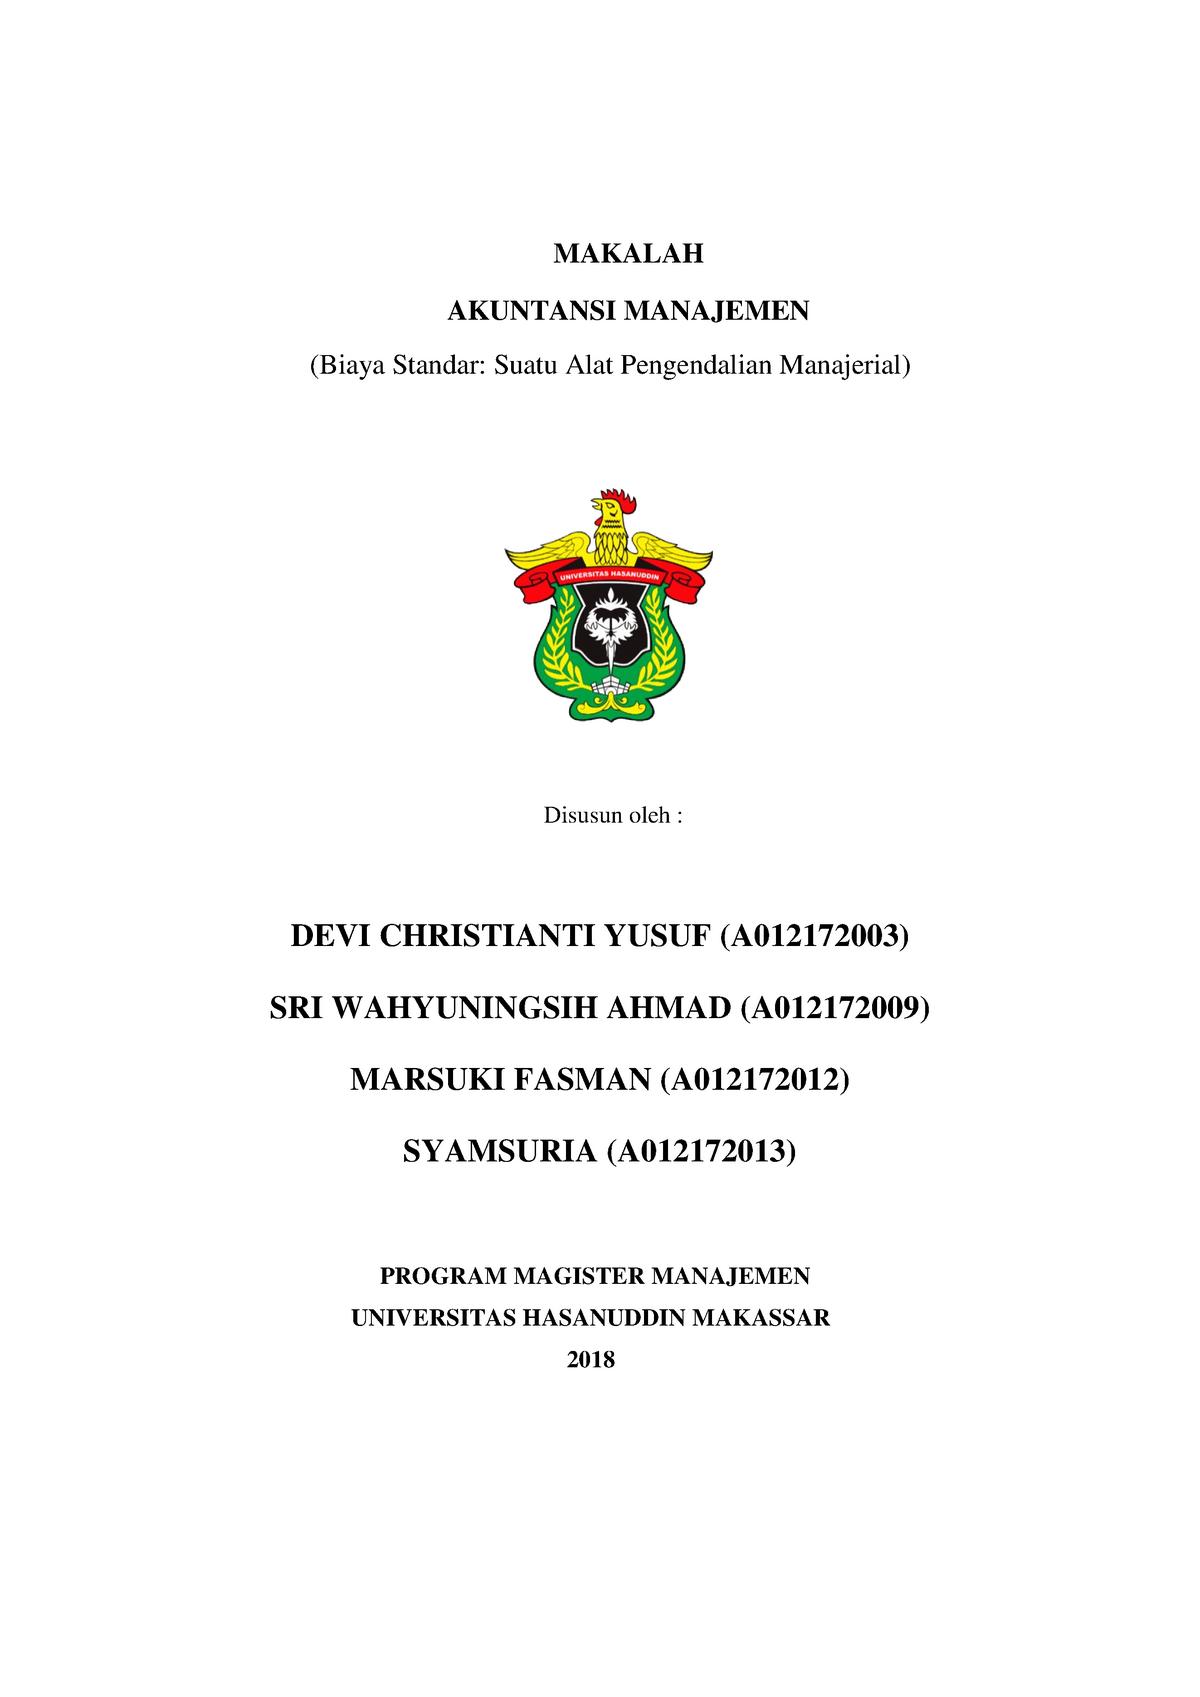 Contoh Skripsi Akuntansi Manajemen Pdf Contoh Soal Dan Materi Pelajaran 8